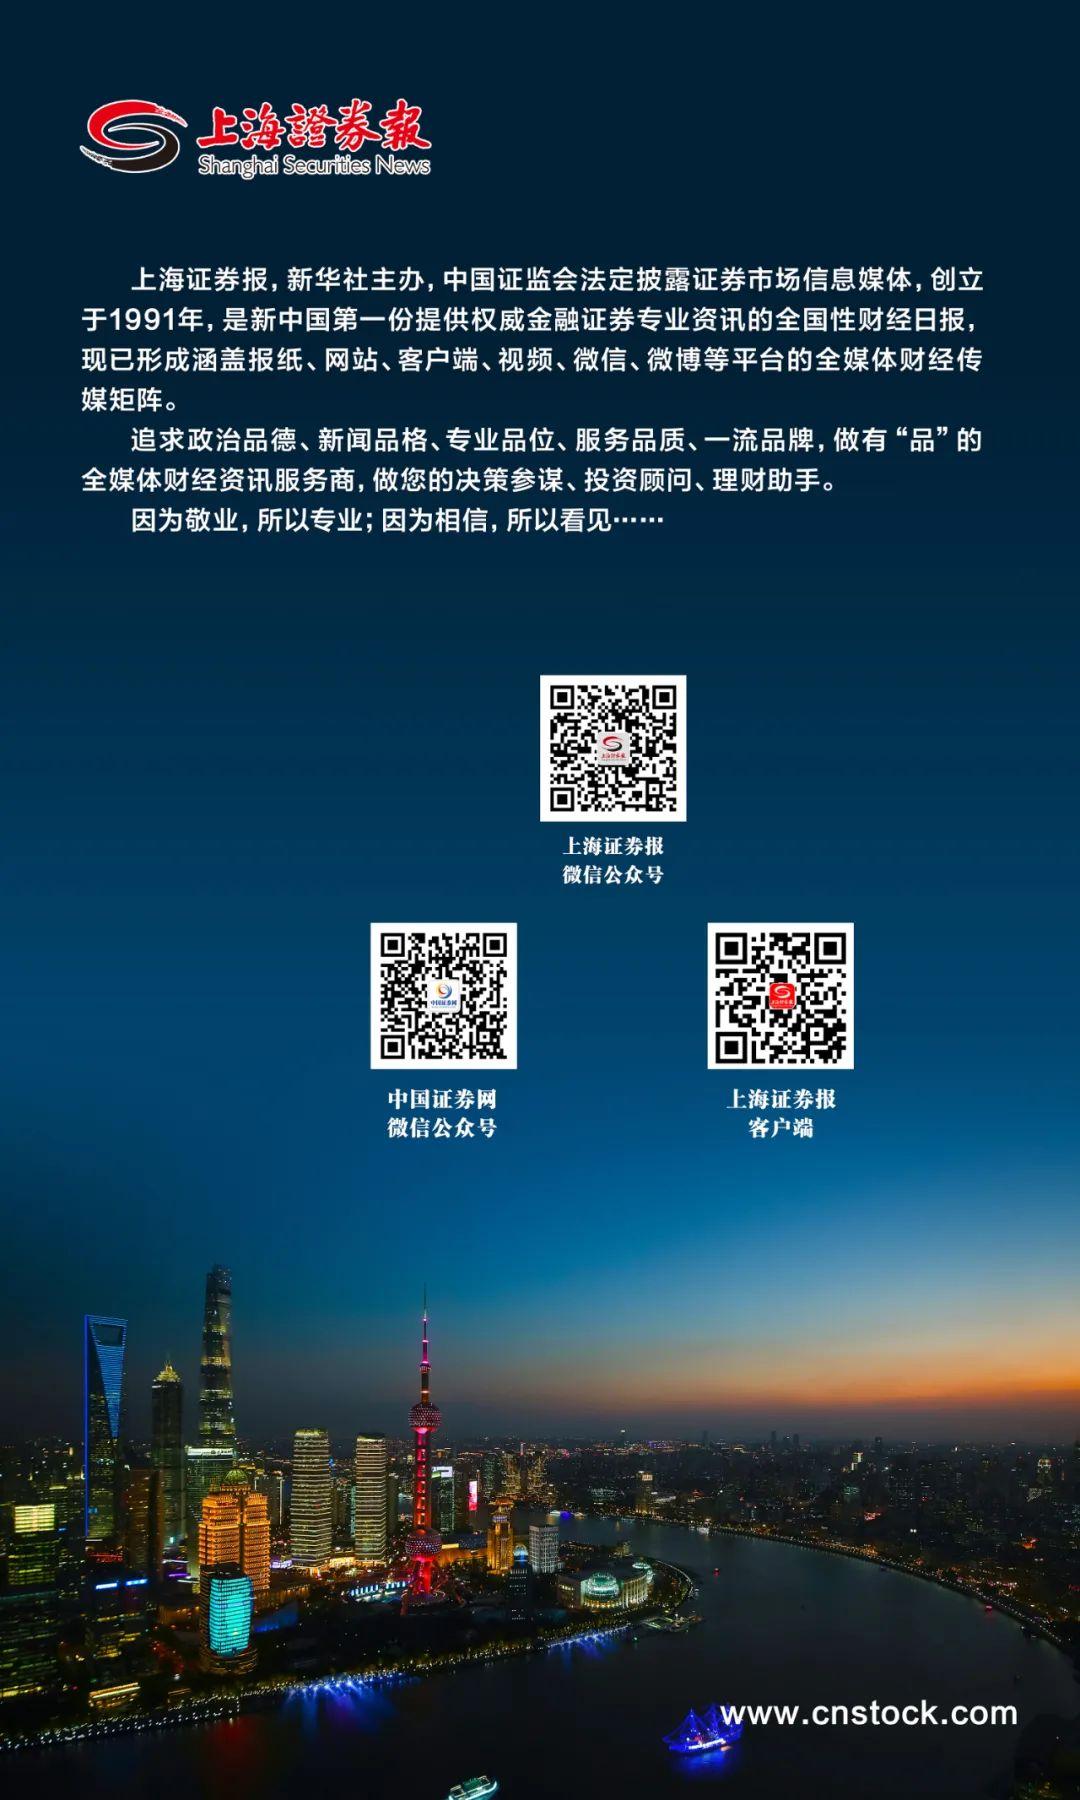 上海石化首座供氢中心建成